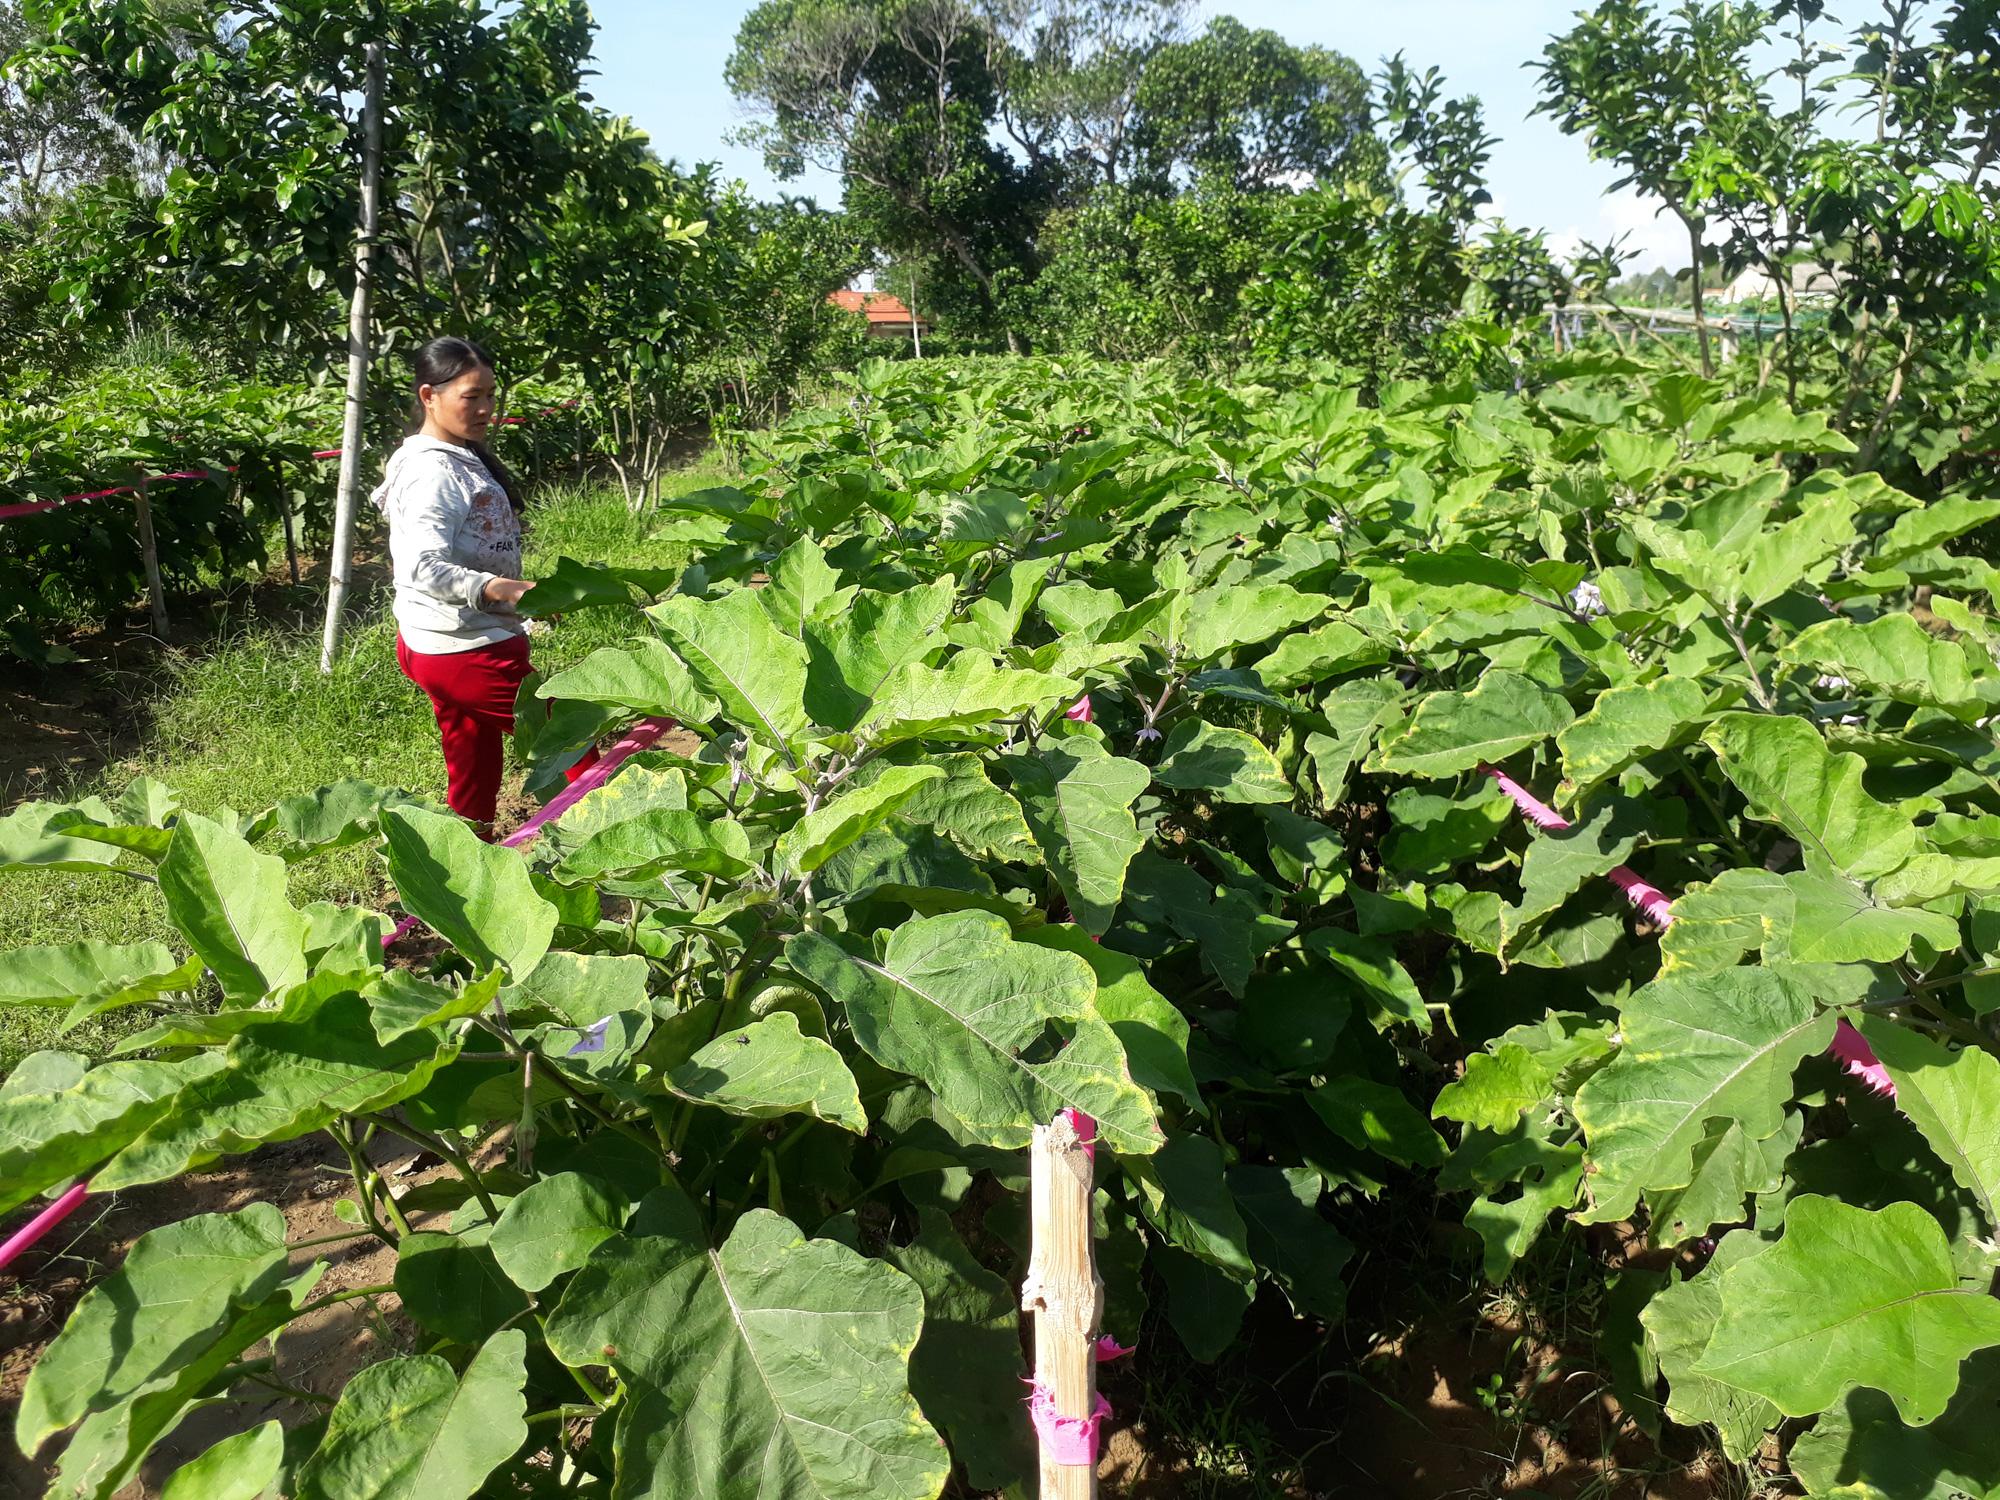 Quảng Nam: Biến những thứ bỏ đi thành 6.420 tấn phân hữu cơ giúp nông dân - Ảnh 4.